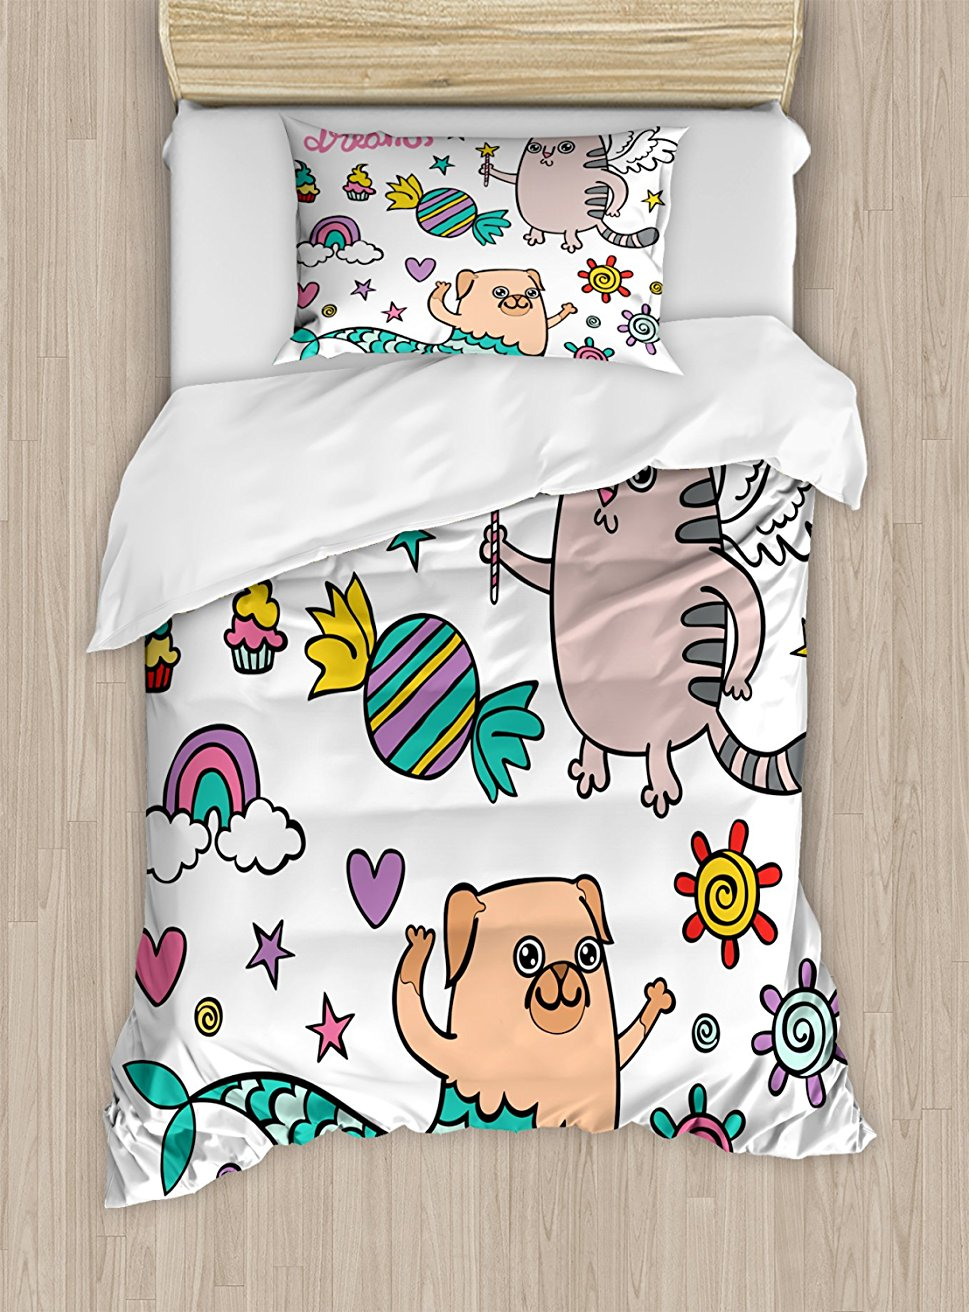 Ensemble housse de couette, carlin sirène et licorne chat souhaitant de doux rêves bonbons colorés et arc-en-ciel, ensemble de literie 4 pièces